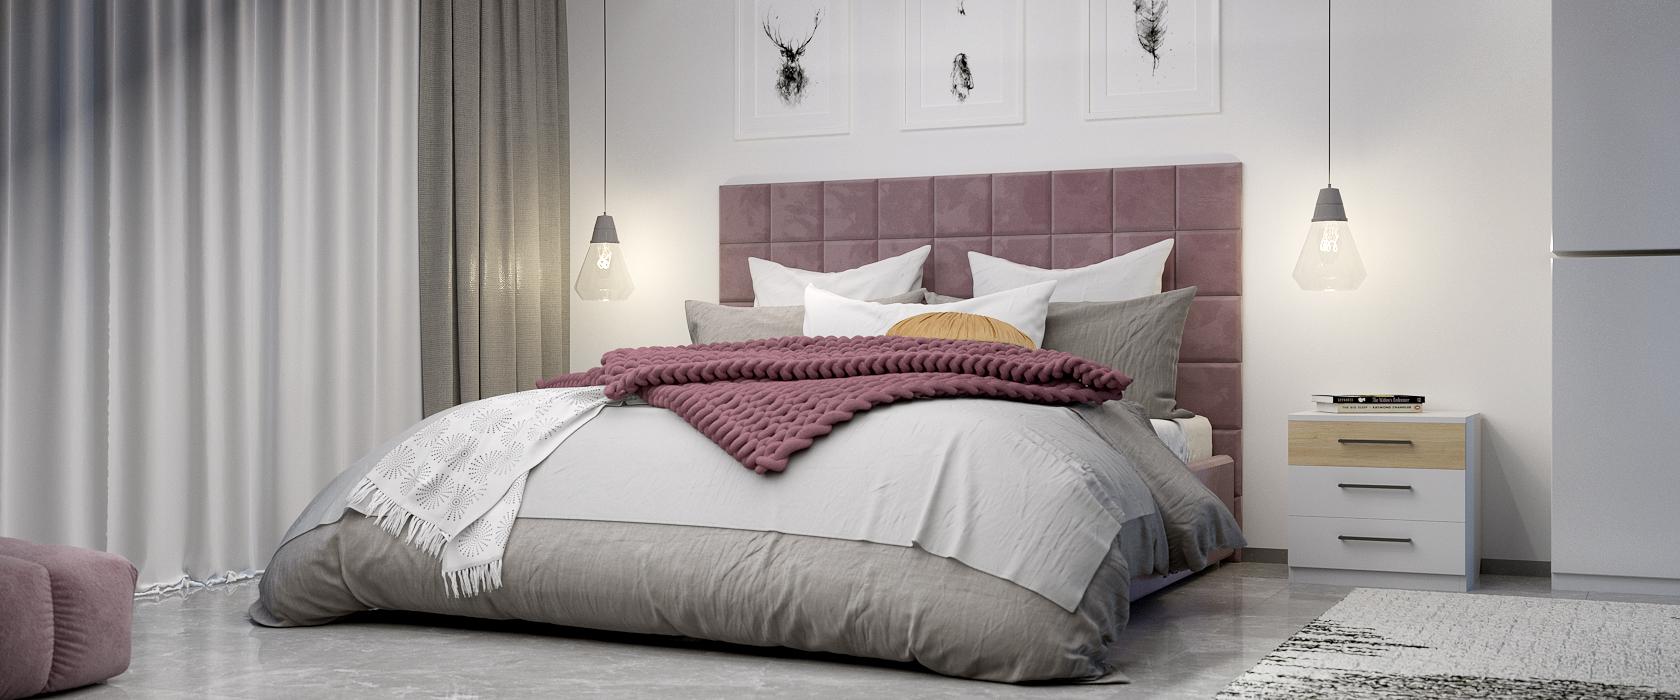 Кровать Piazza со стеновыми панелями - Фото 2 - Pufetto